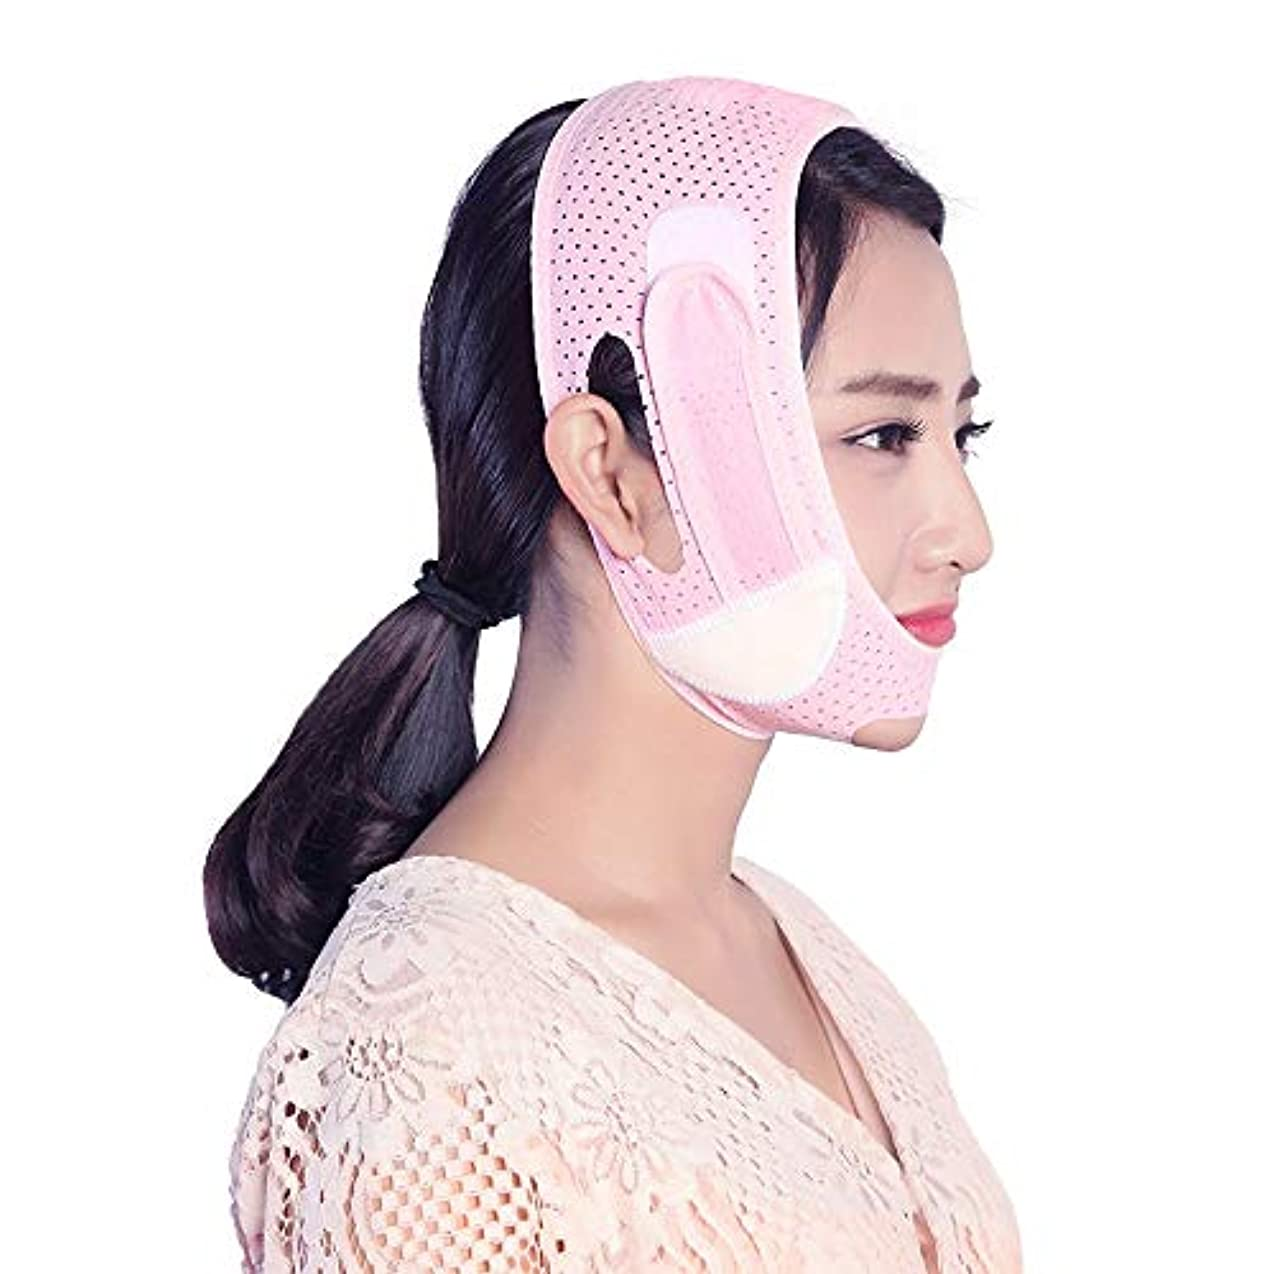 遺棄されたささいな間Minmin 睡眠薄い顔パッチ包帯吊り上げプルv顔引き締めどころアーティファクト判決パターン二重あご薄いマッセルマスク - ピンク みんみんVラインフェイスマスク